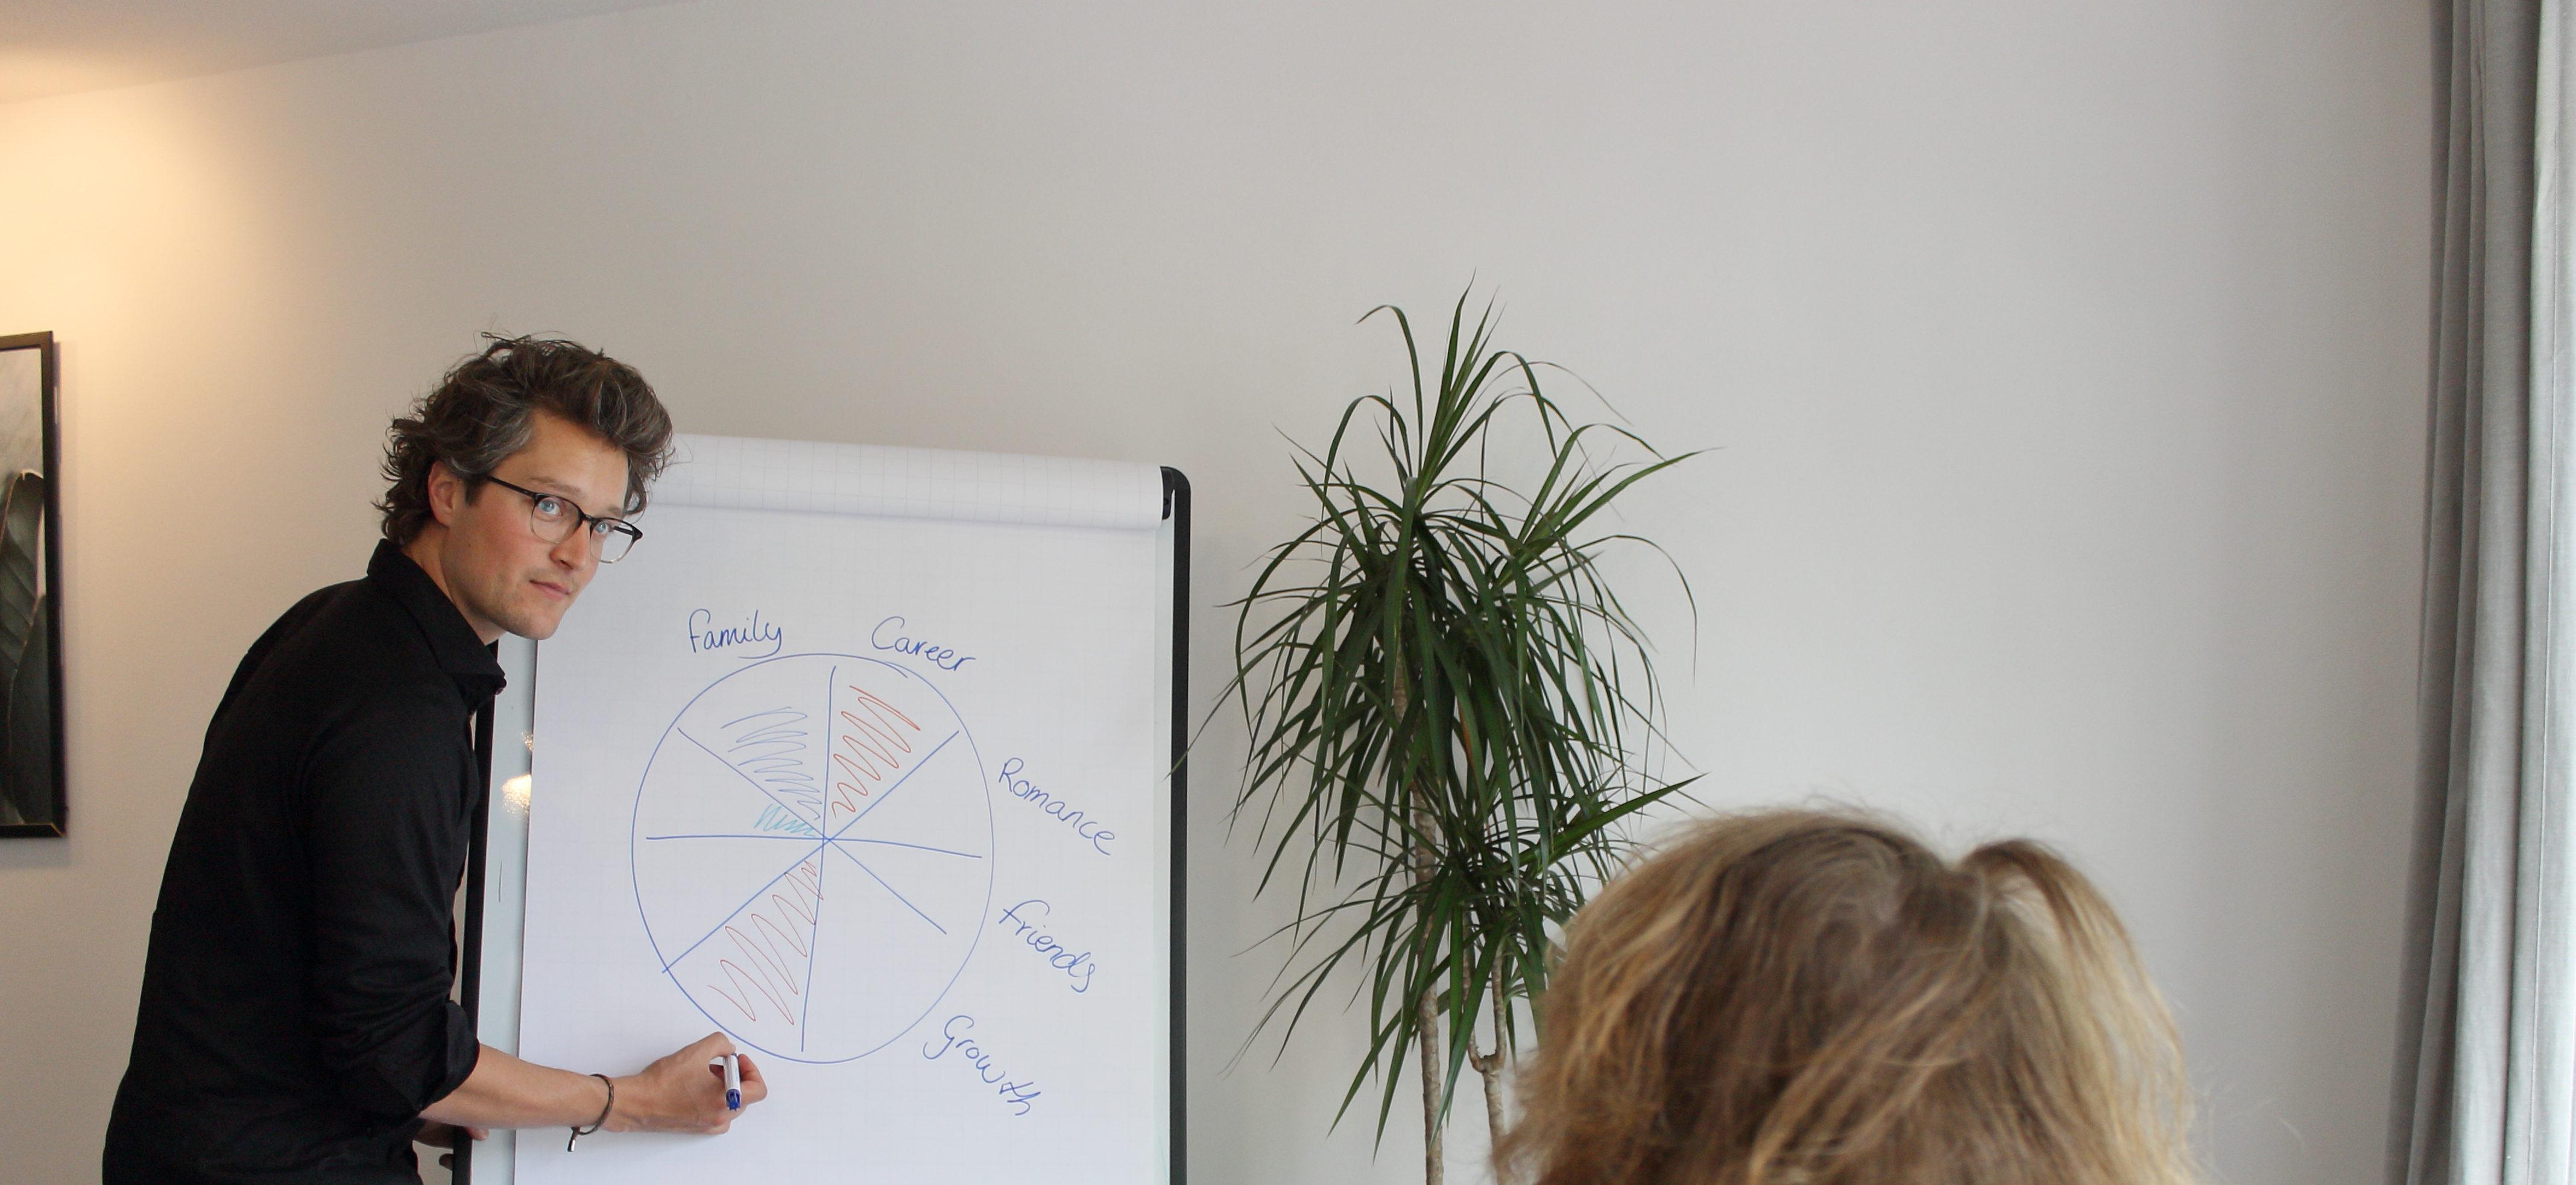 Persoonlijk leiderschap coaching waar je direct iets mee kan